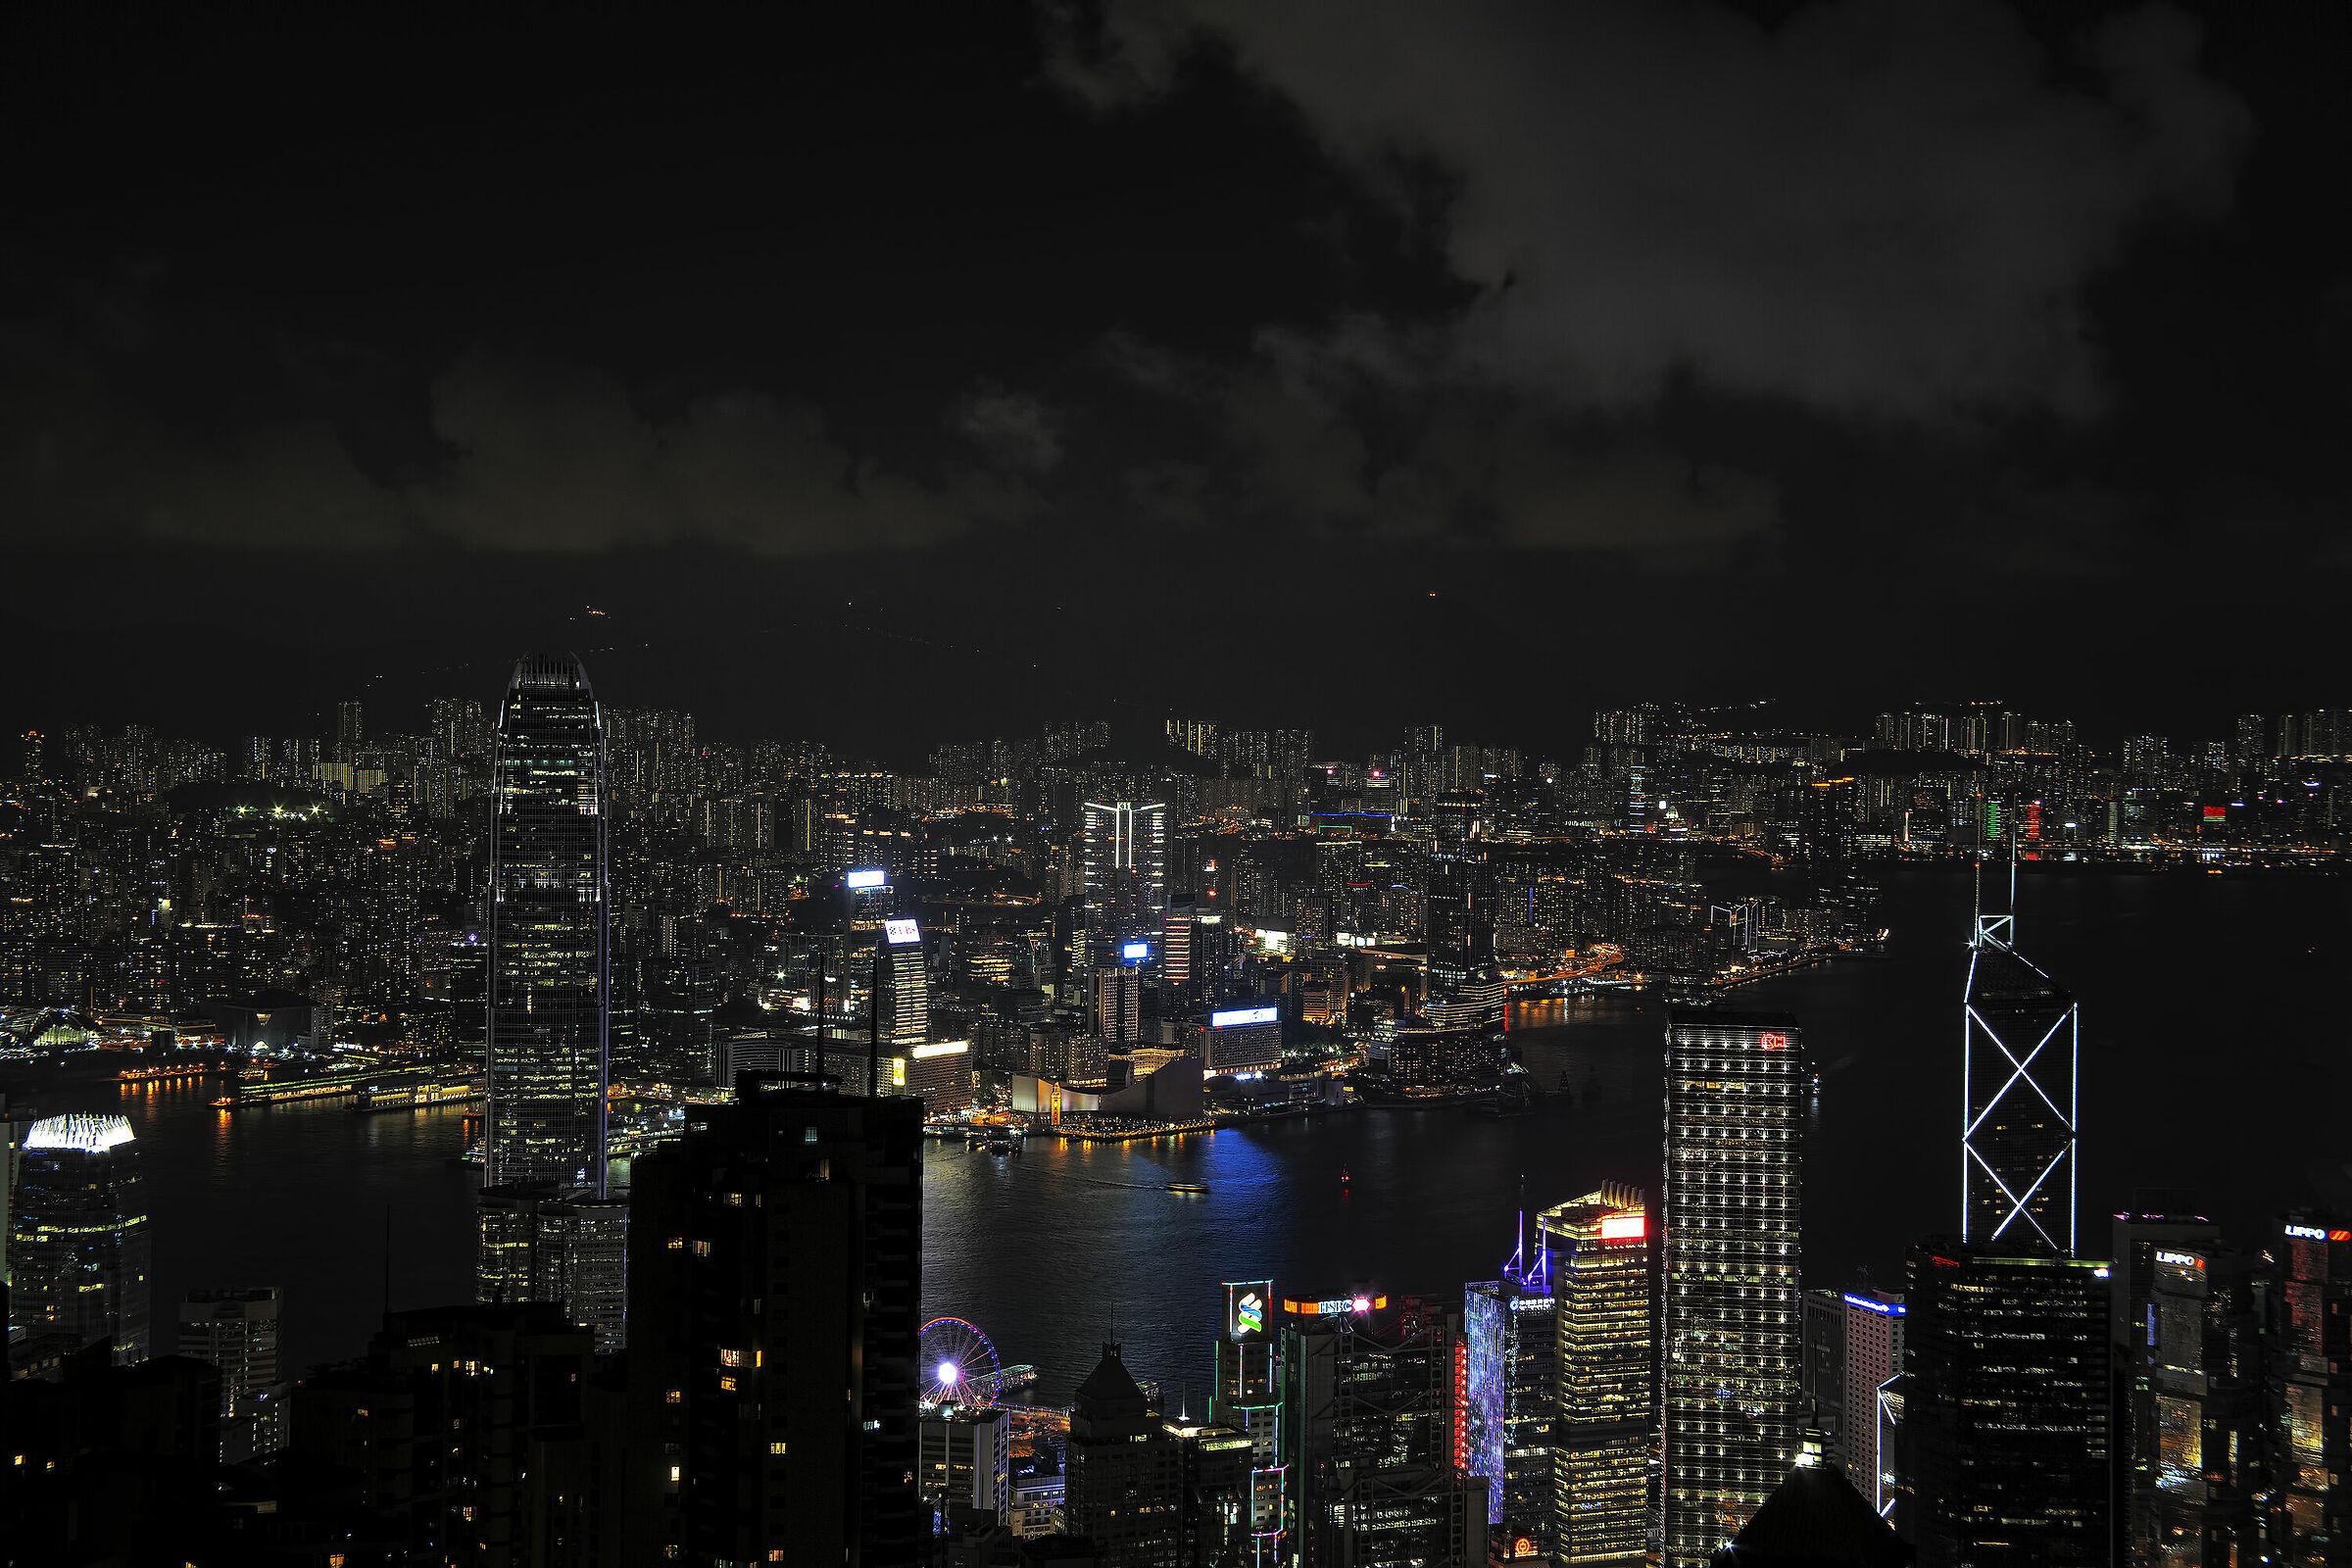 Hong Kong by night...